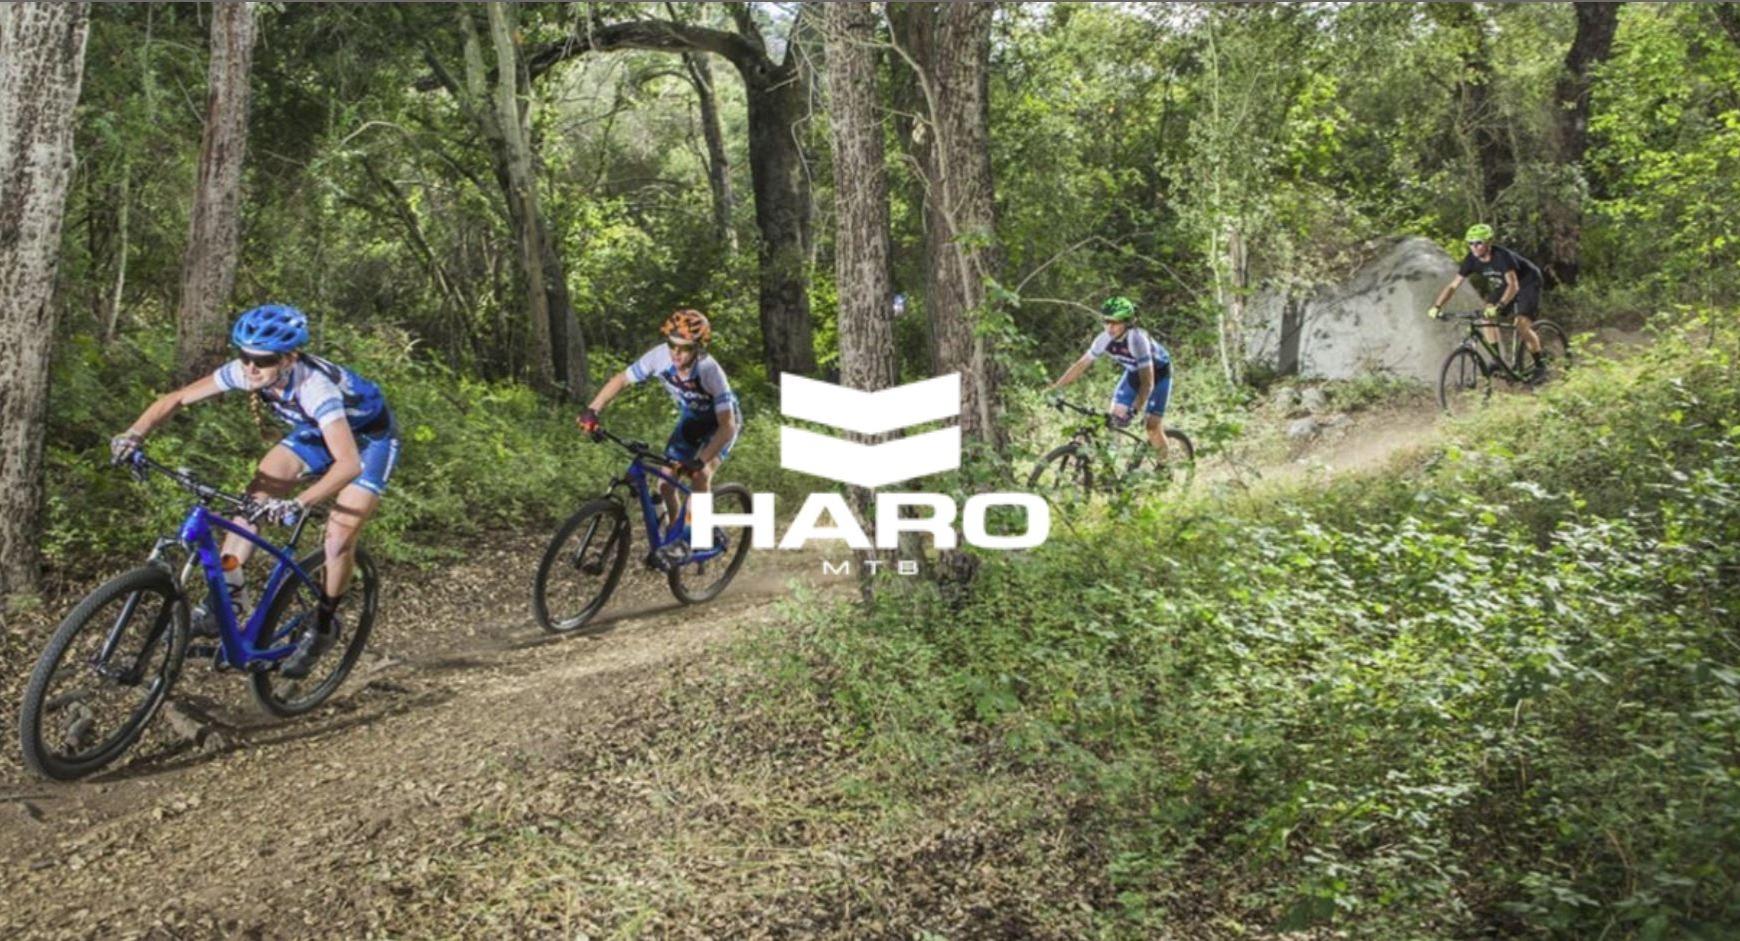 Haro Mountain Bikes